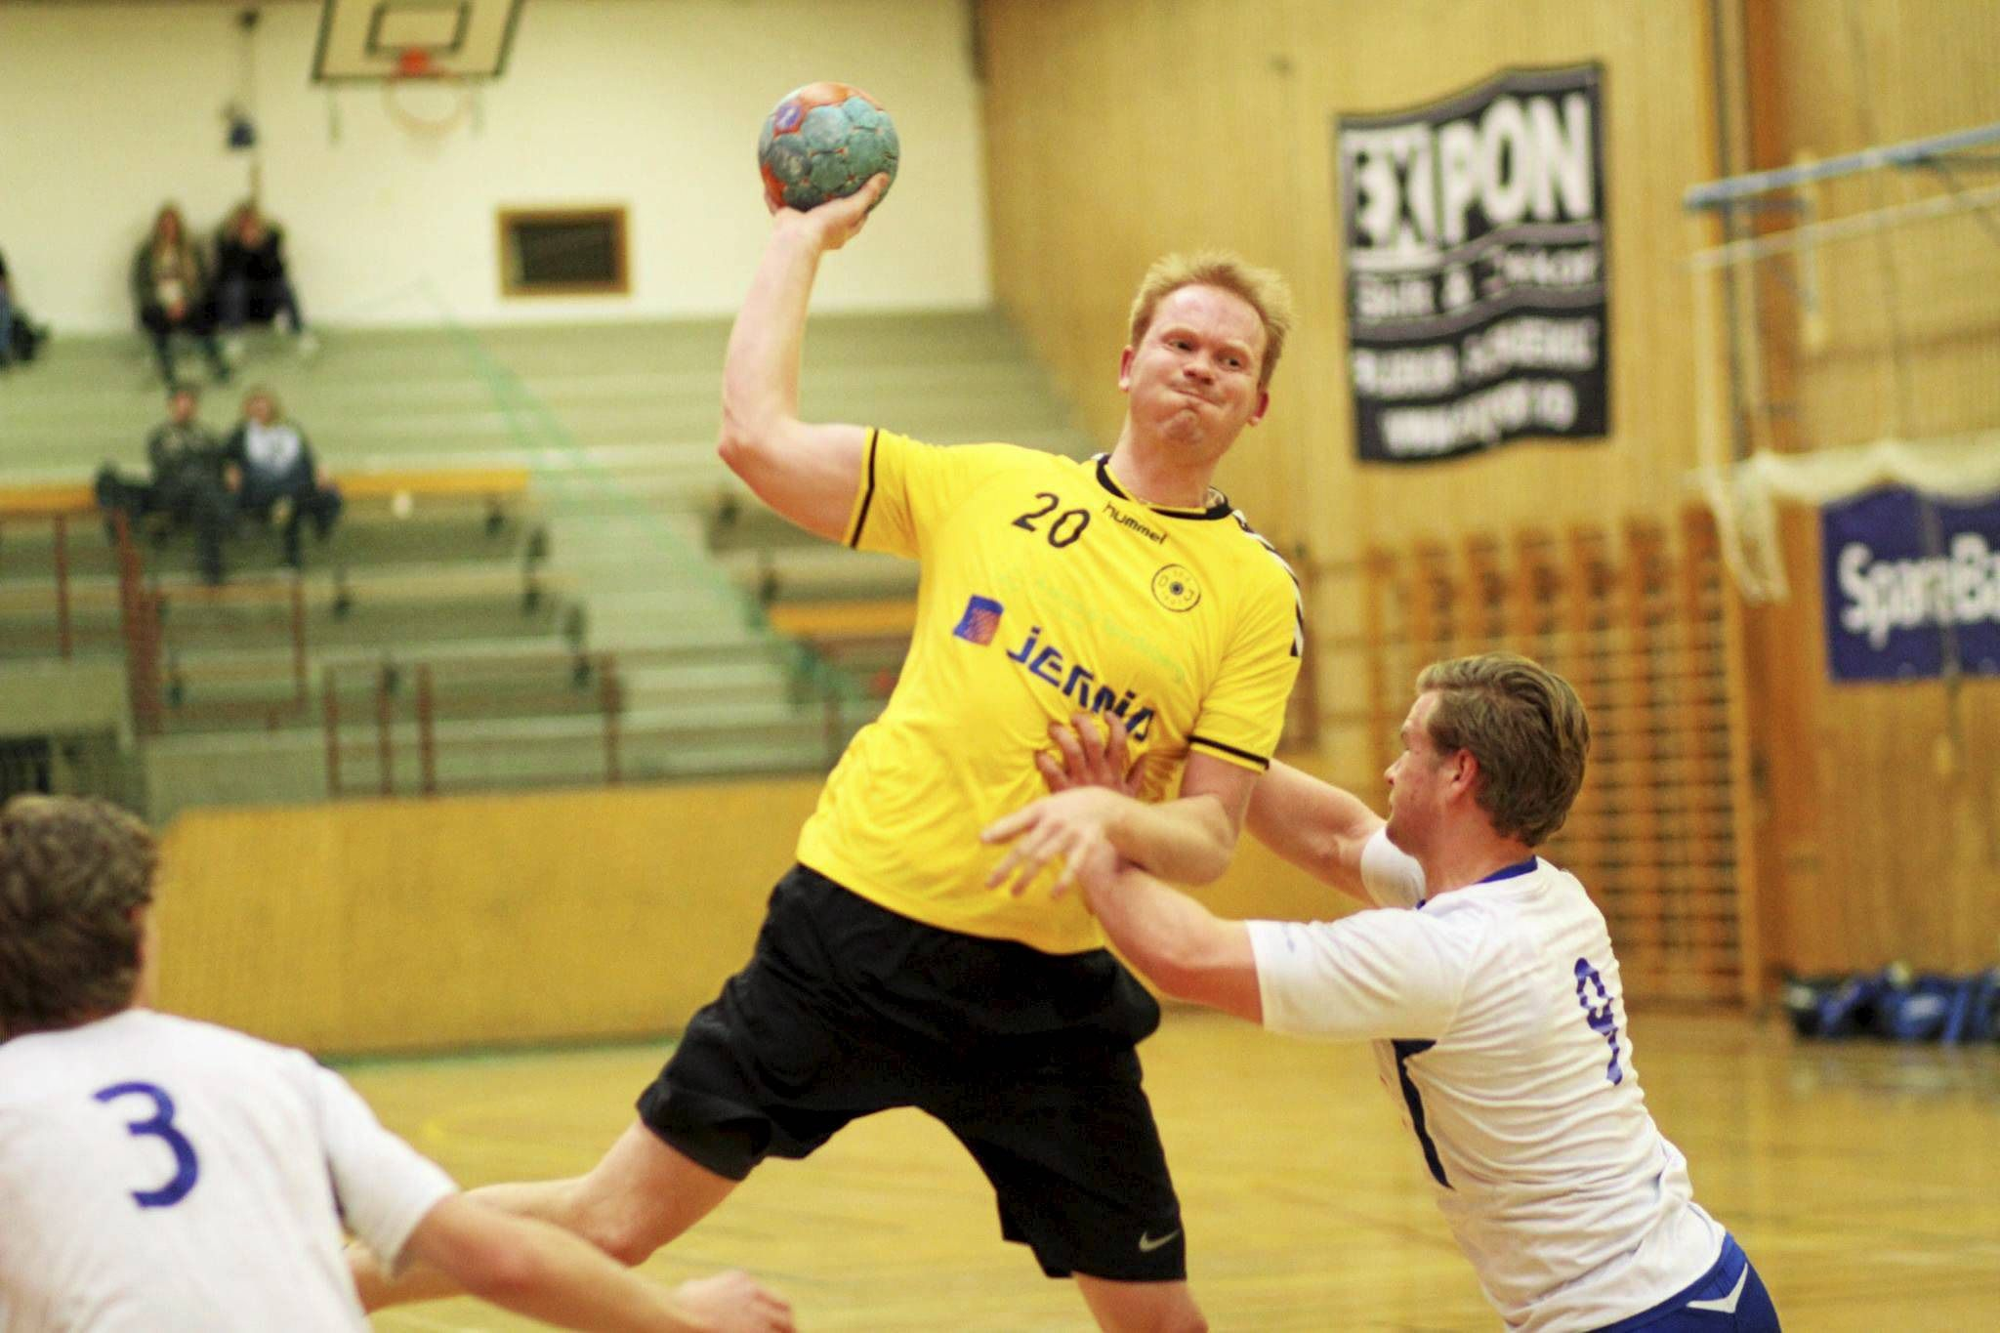 SVENSK KRIGER: Thomas Bergsten kom inn på laget i fjorårets sesong, og markerte seg på scorings-statistikken.